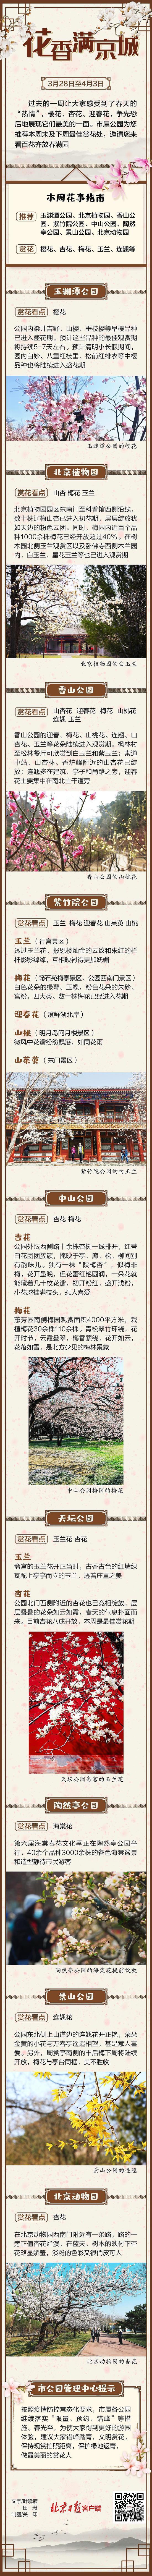 百花齐放春满园!下周北京公园最佳赏花地一图尽览图片